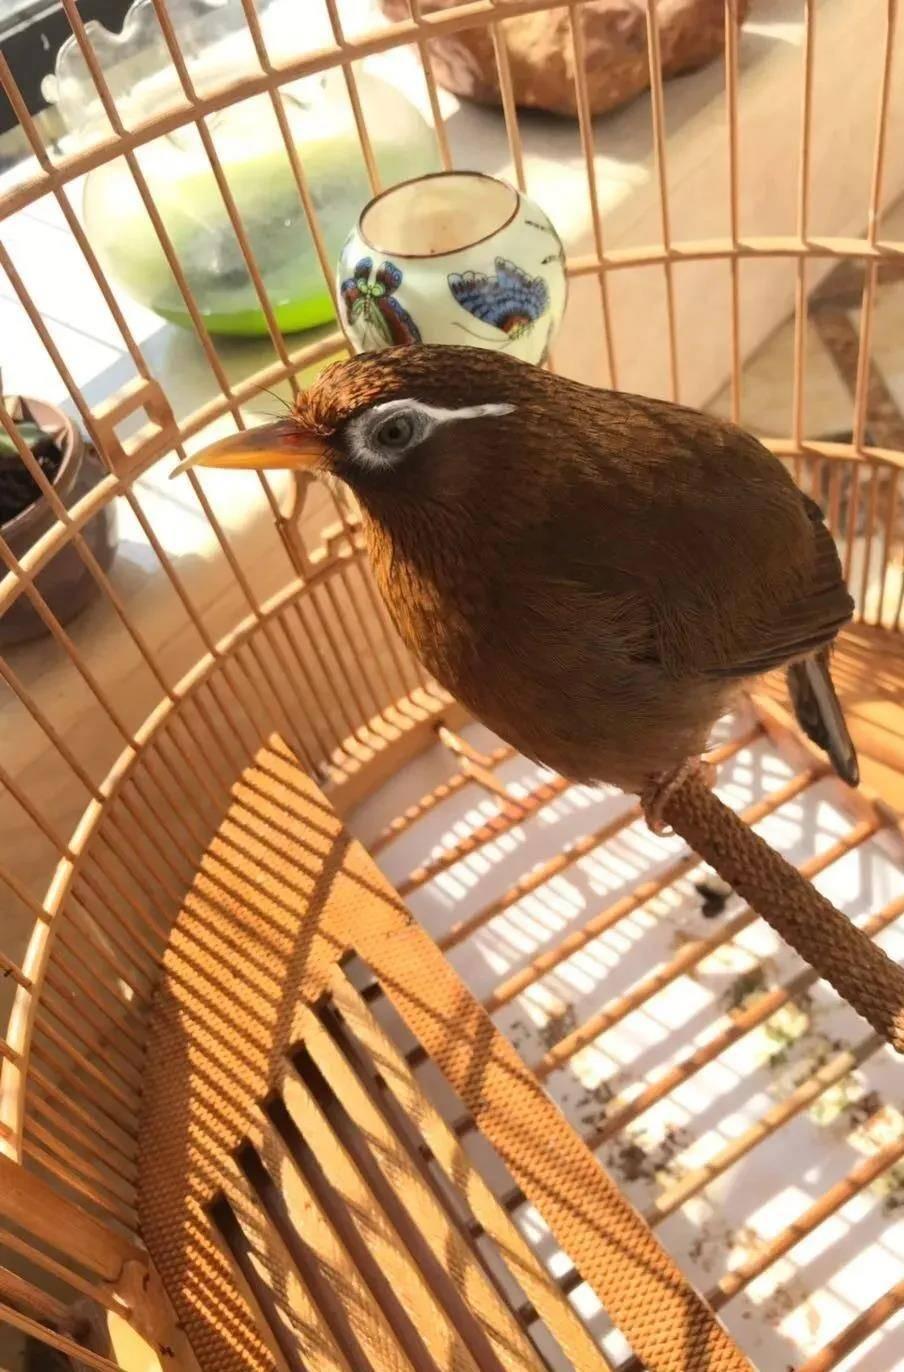 部分鸟友觉得,选购原毛画眉鸟,实实在在和赌石有一些类似,但一些掌握第一手货源的鸟友则是发觉,不管这一只鸟怎么变,如果您能够知道这一只鸟父母的长相,这一只鸟还处于原毛的时候可能不太看得出来它以后的长相,但换毛之后,其模样往往是和父母一个模子刻出来的。